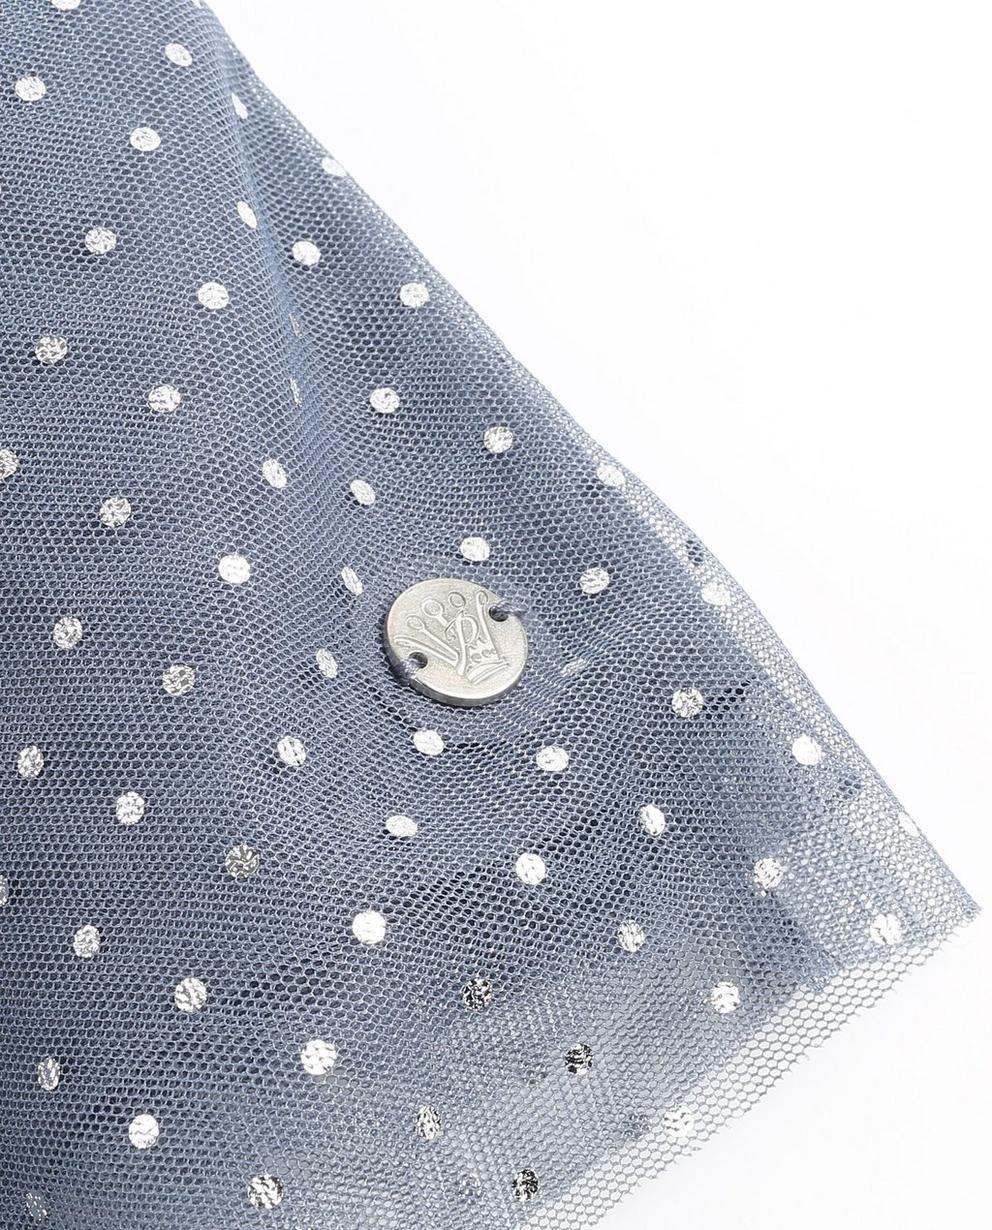 Kleider - Blassgrau - Blauwgrijze velvet jurk Prinsessia